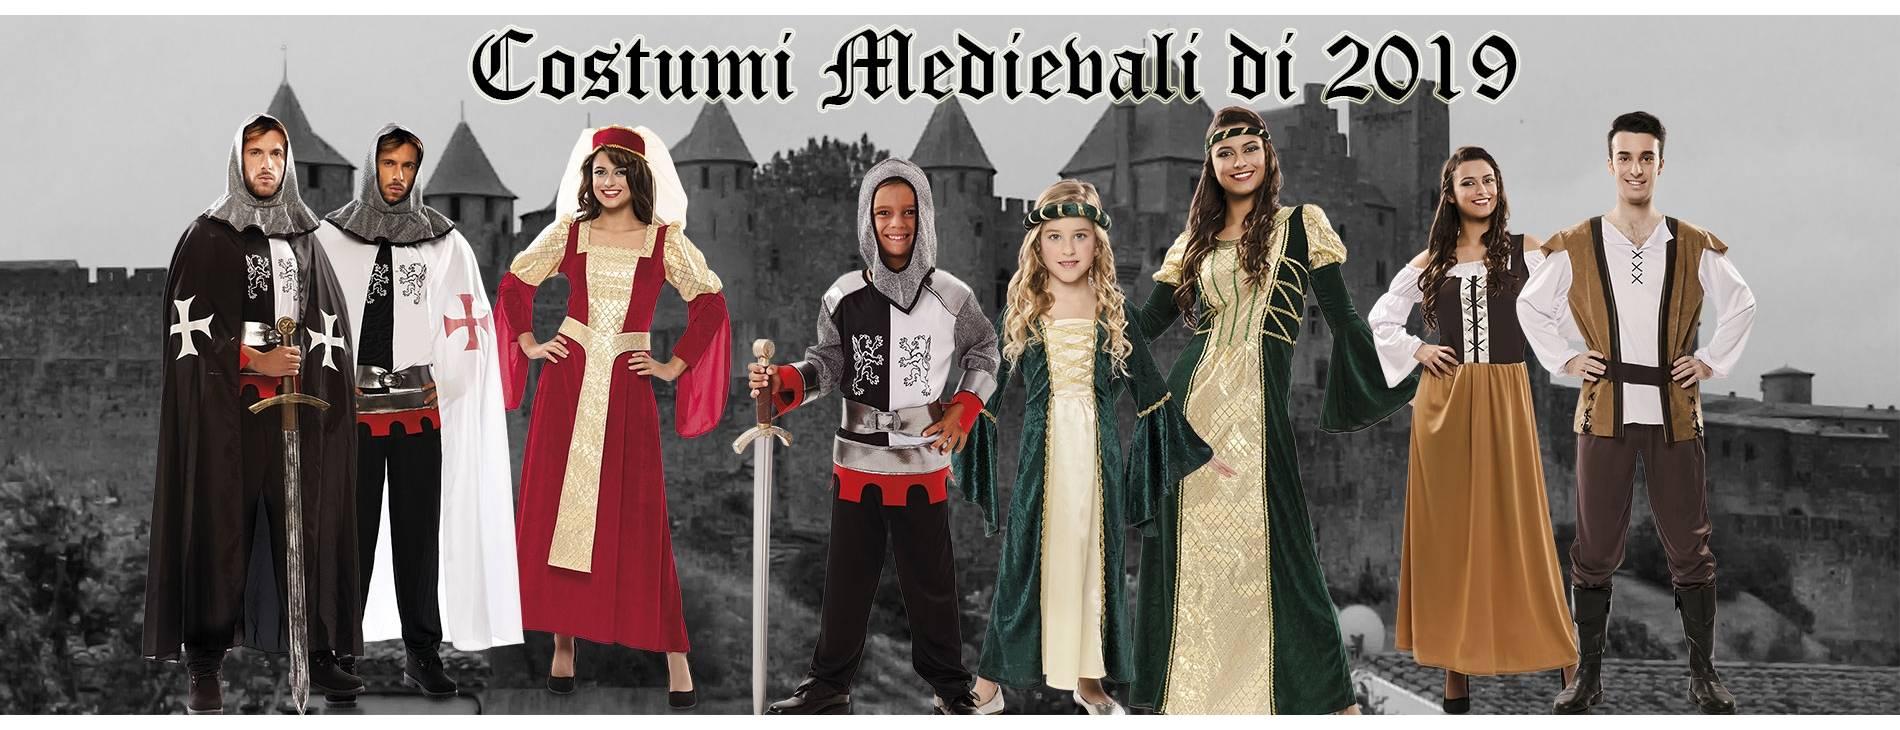 Novità Costumi Medievali di 2019